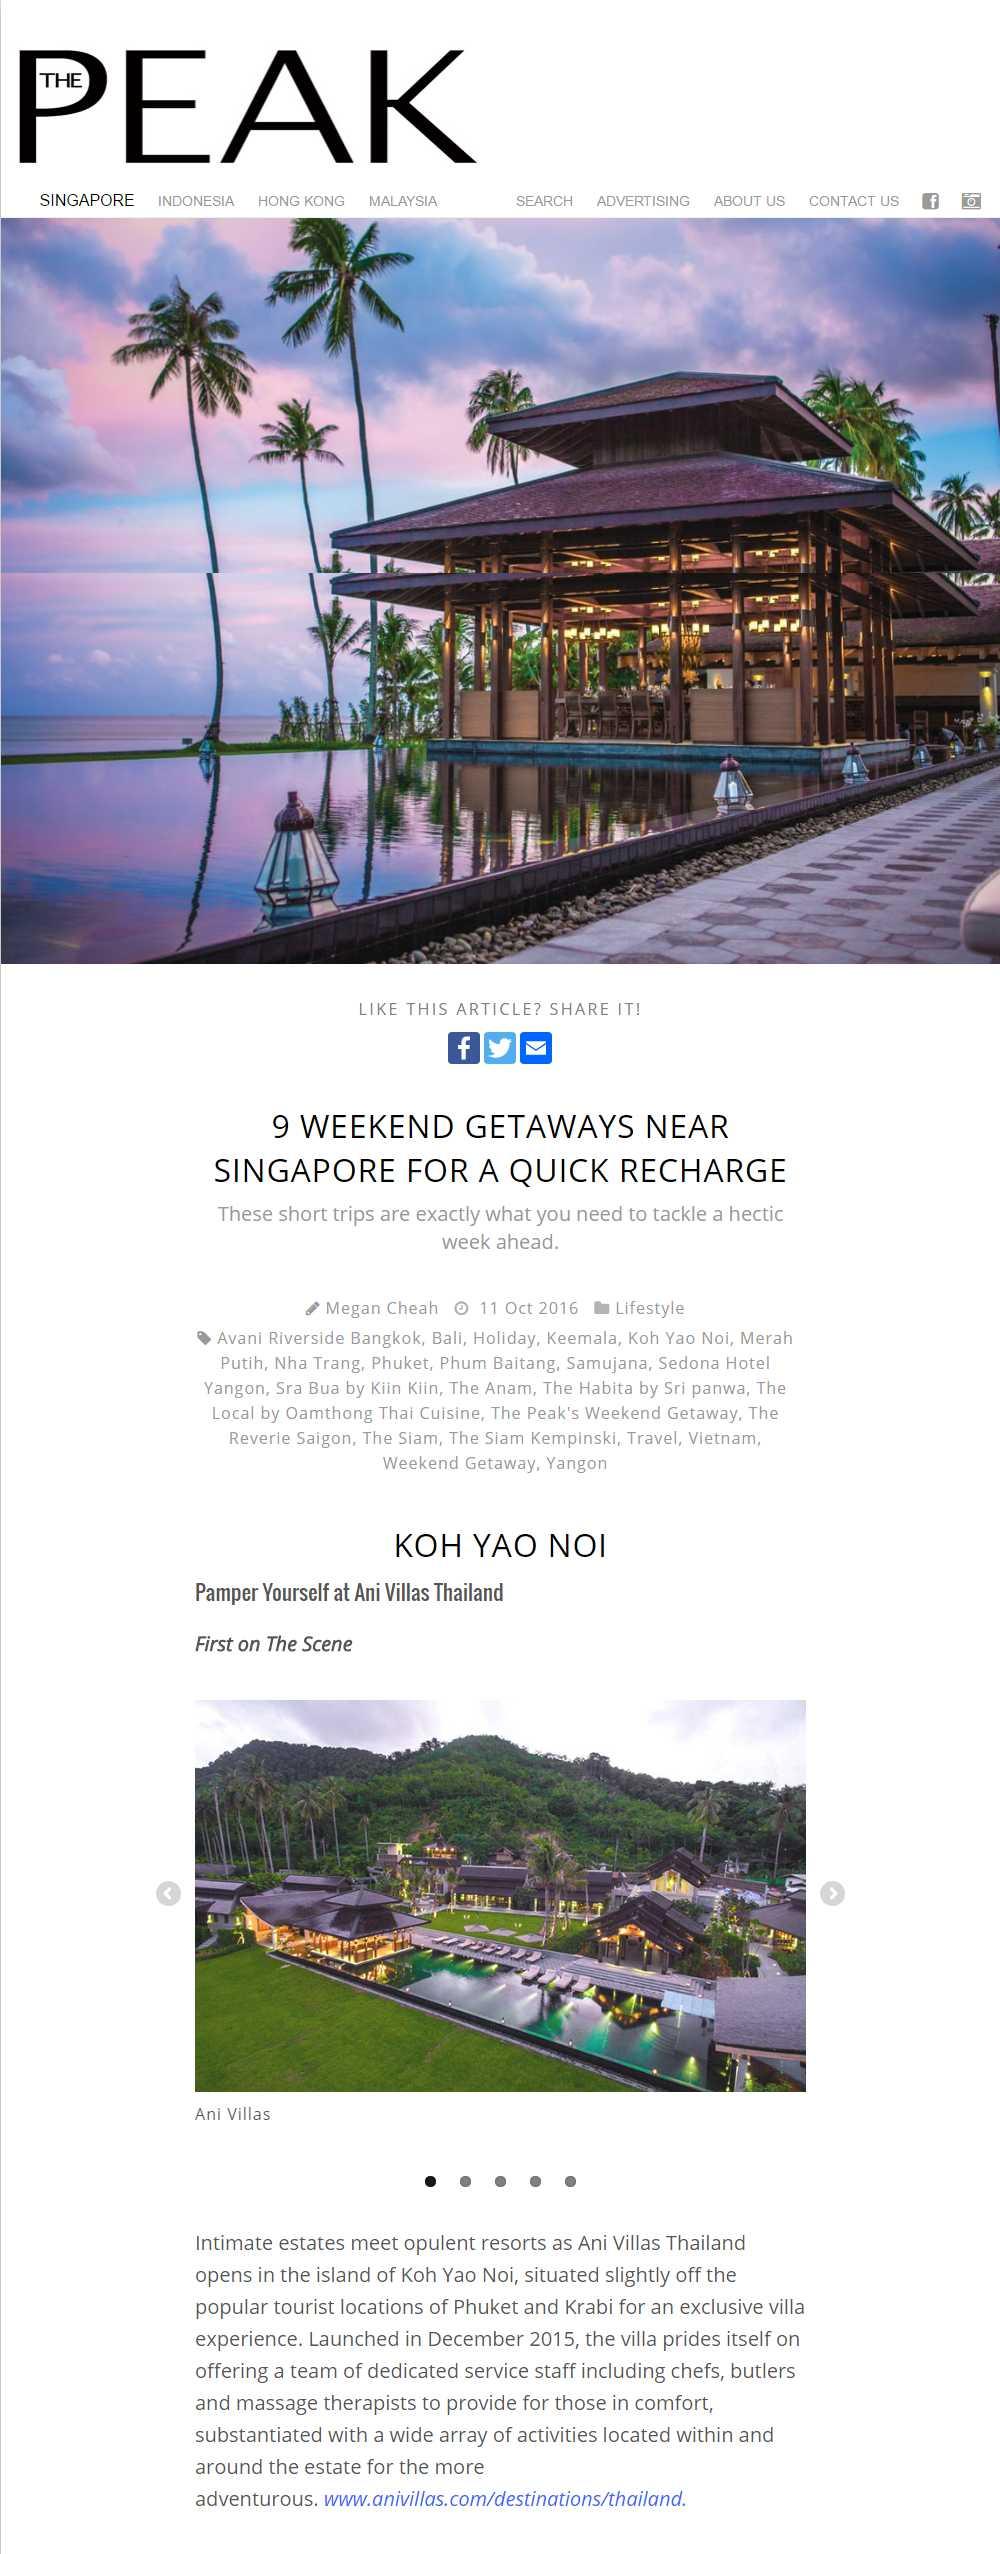 2016.10.11.ThePeakSingapore_Page_1_Image_0001.jpg